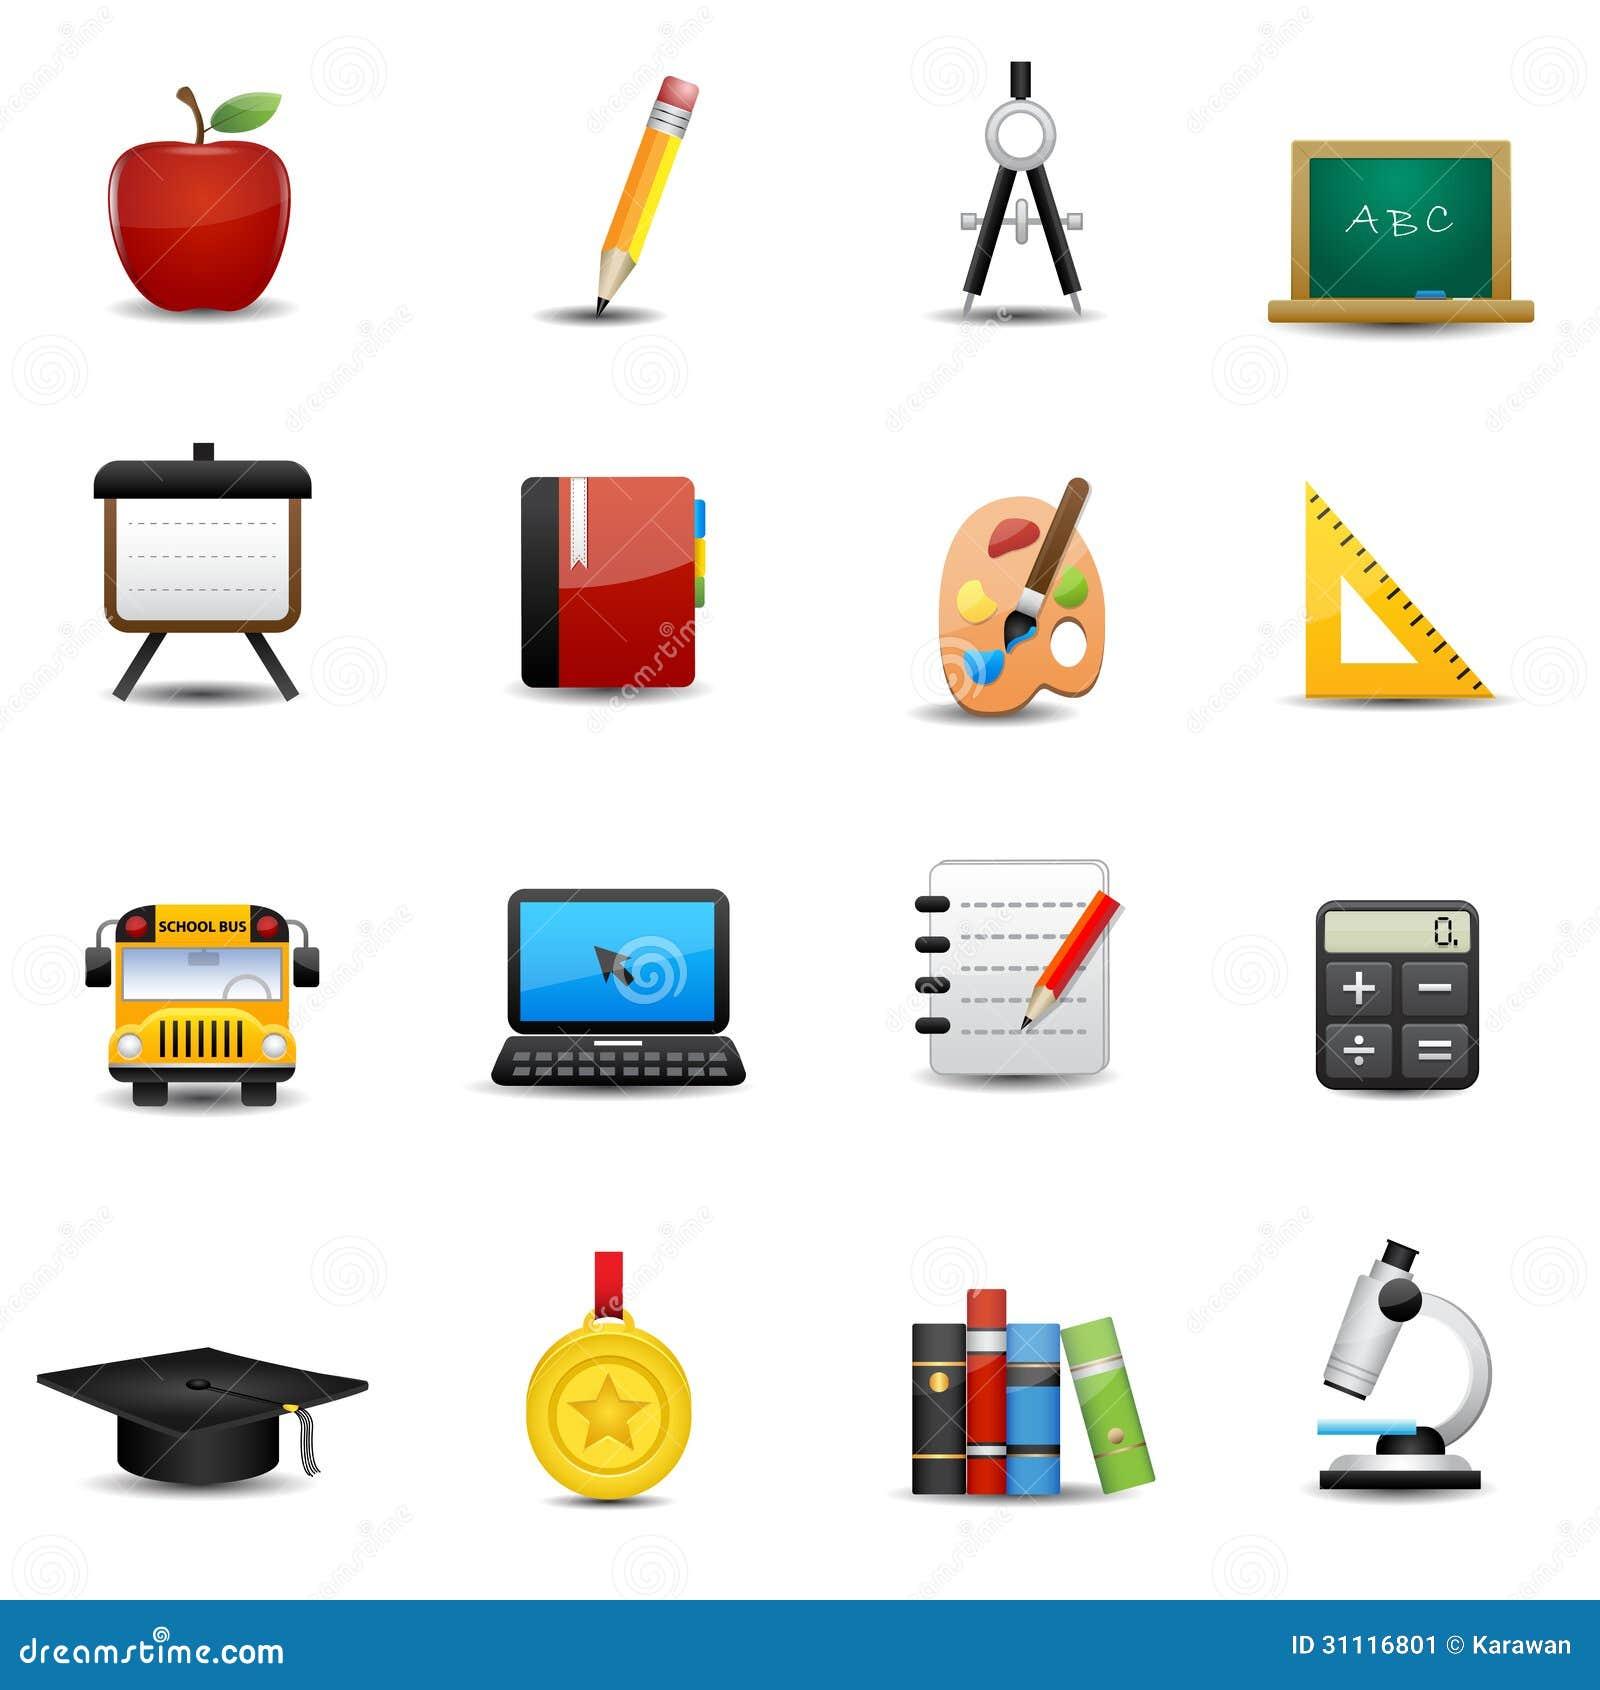 Stock Image Education Icons Set Study University Symbols Image31116801 on Computer Writing Tablet